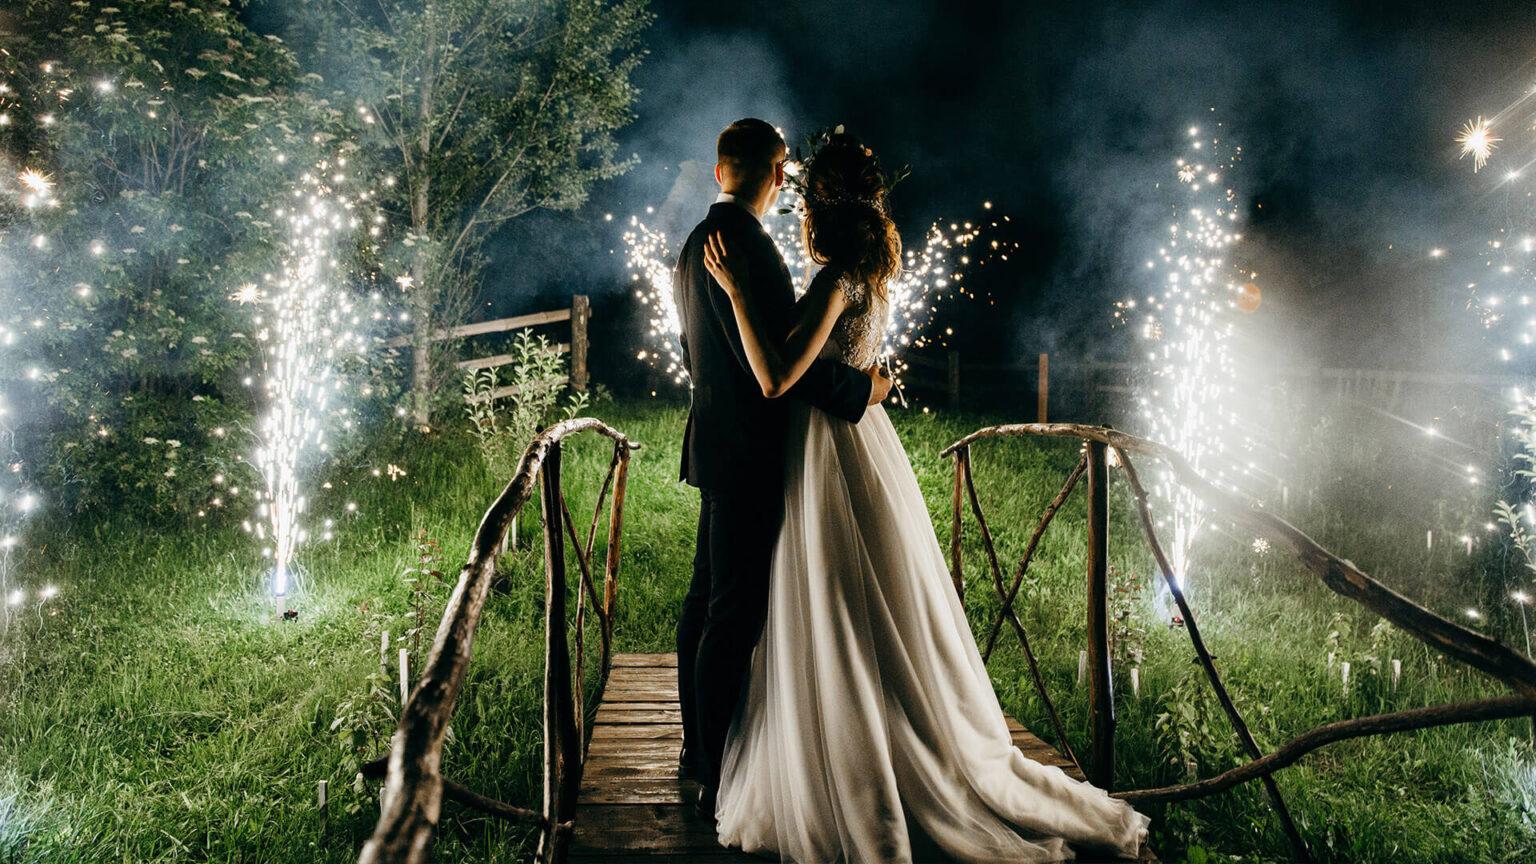 פלאנרז הפקות אירועים וחתונות